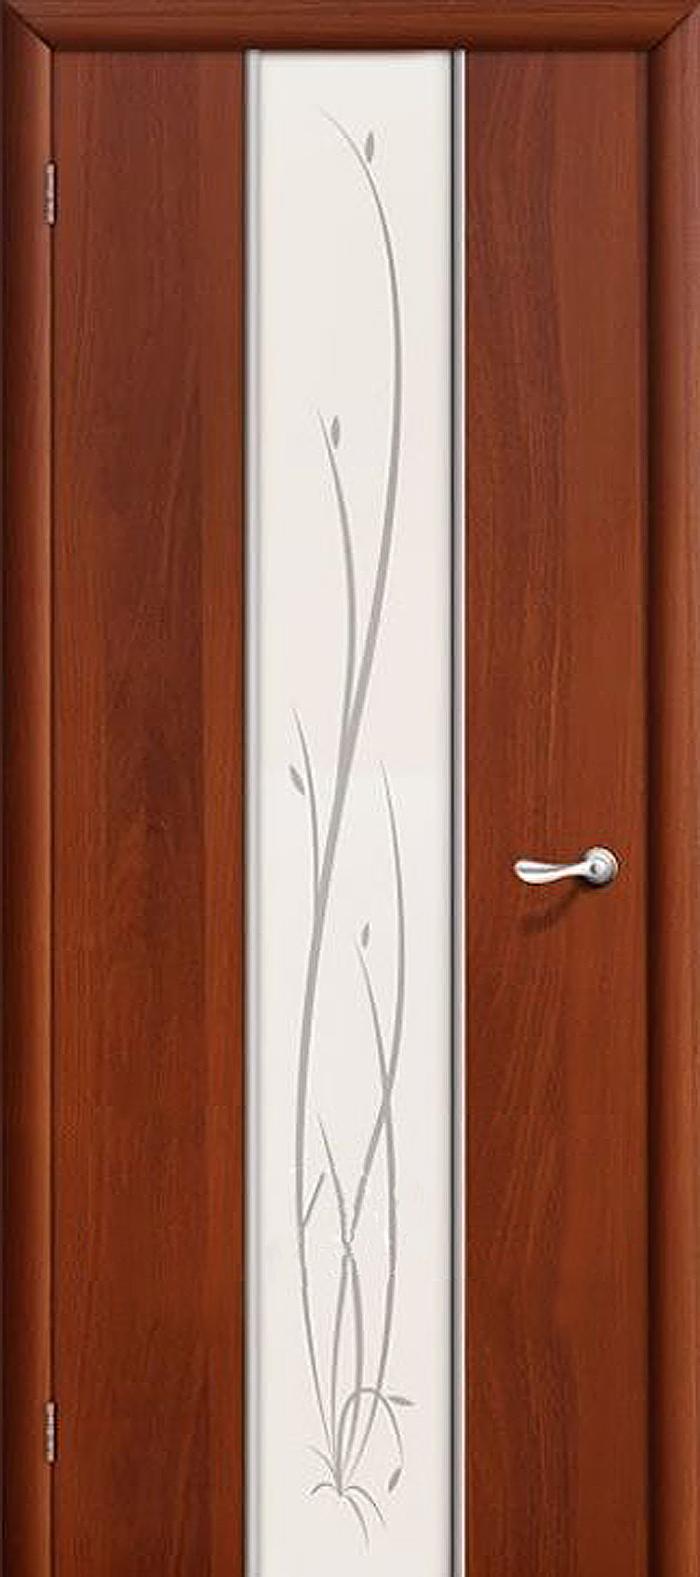 Предложения в товарной группе Двери ламинированные от